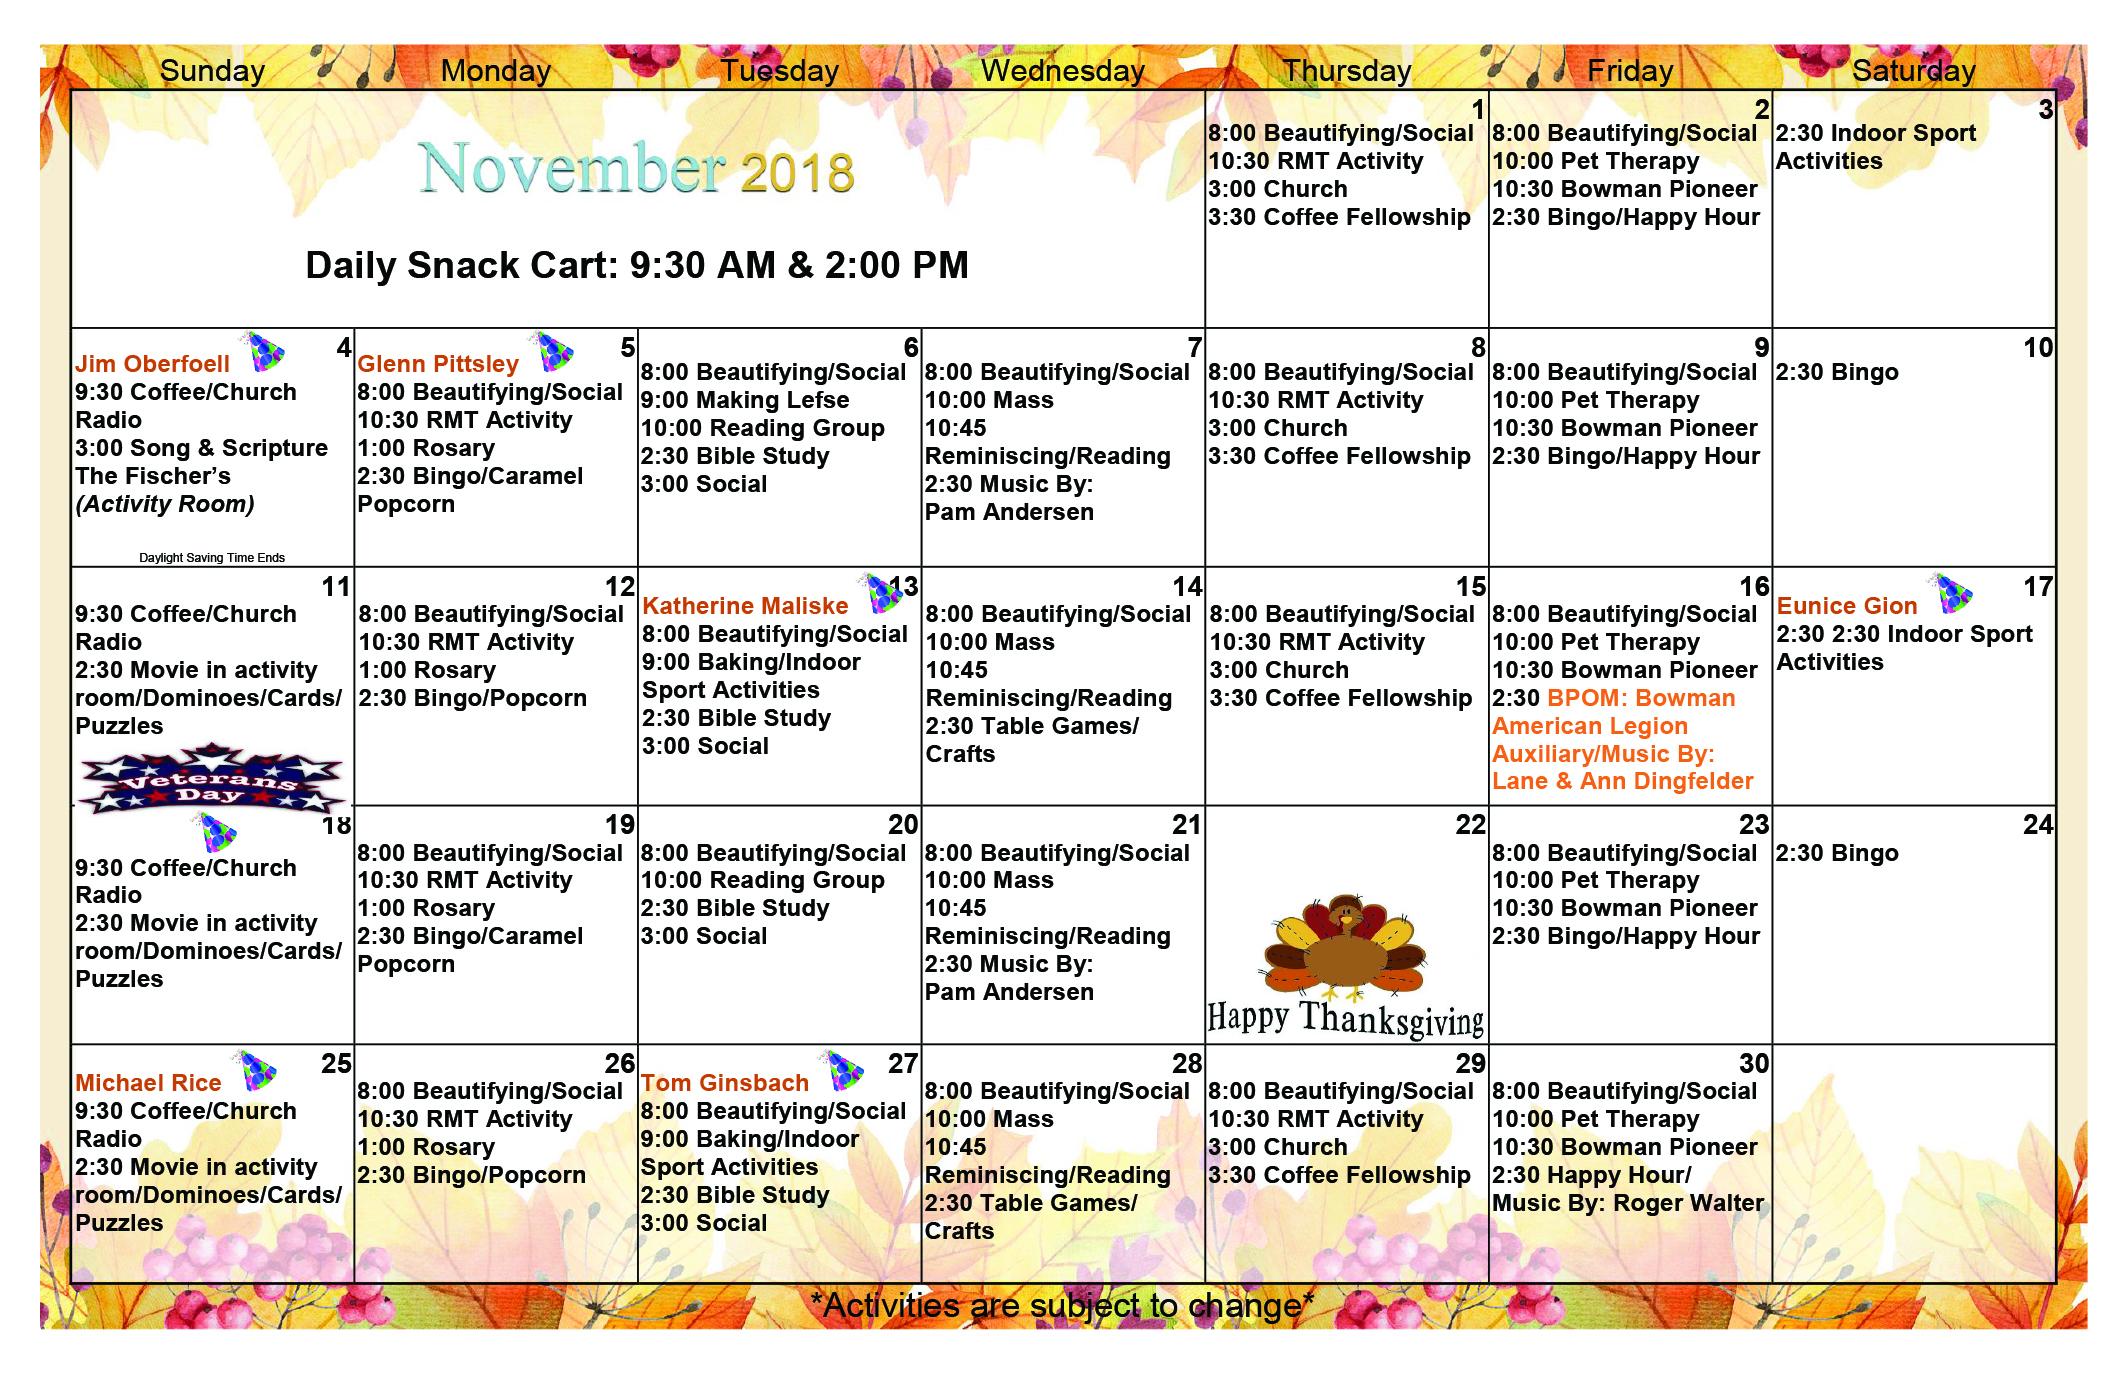 November 2018 Event Calendar